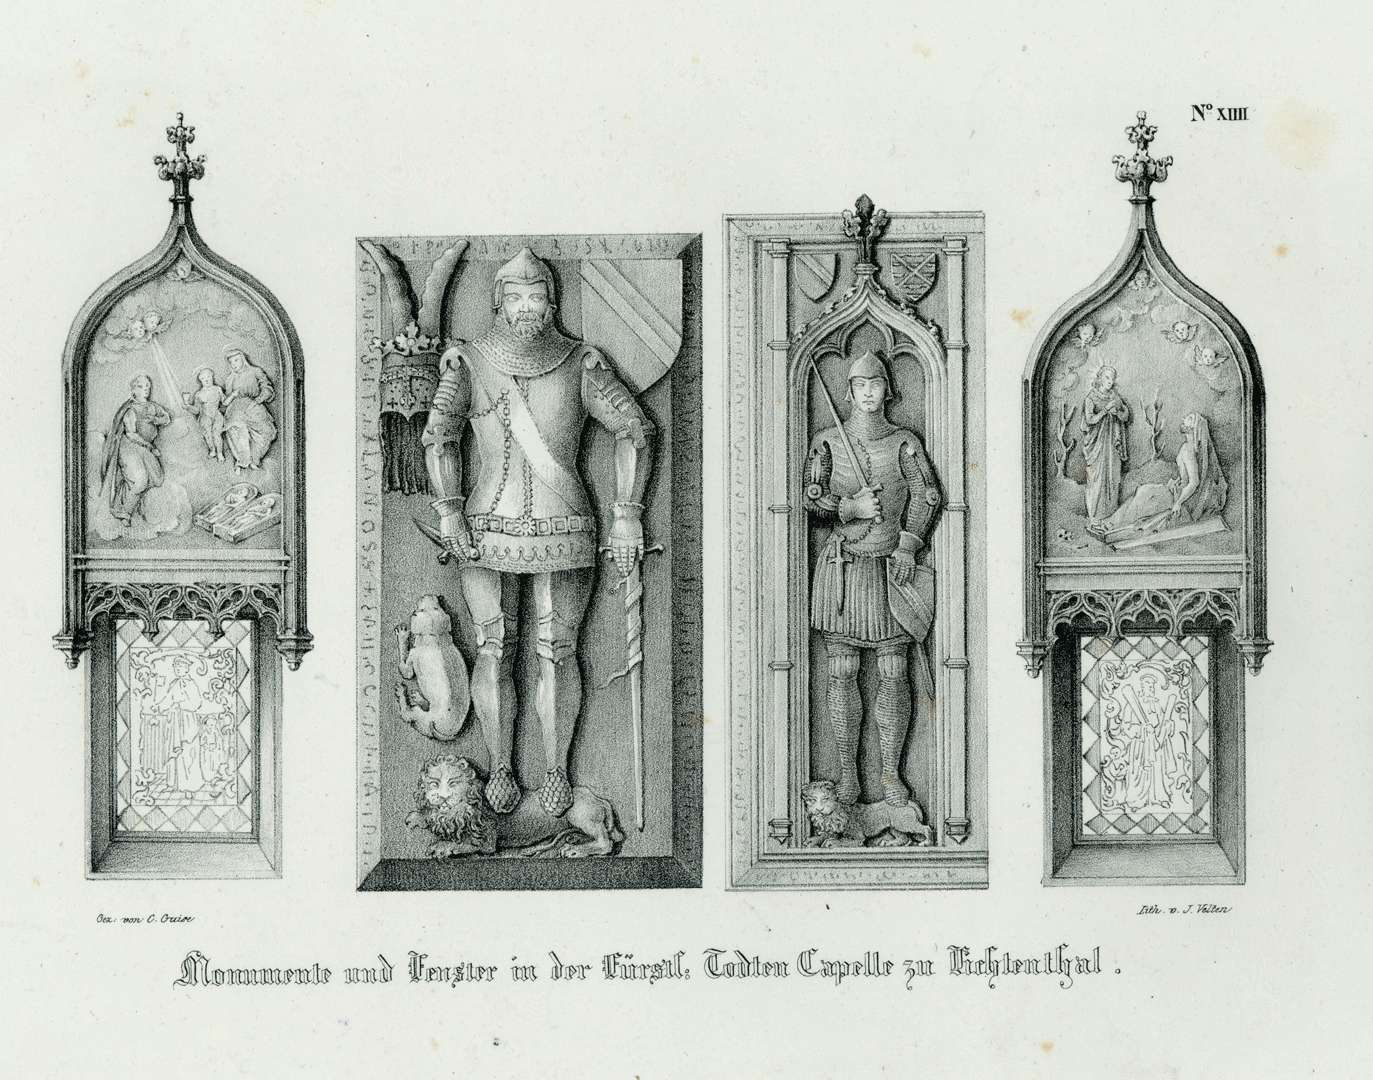 Monumente und Fenster in der Fürstl. Todten Capelle zu Lichtenthal, Bild 1